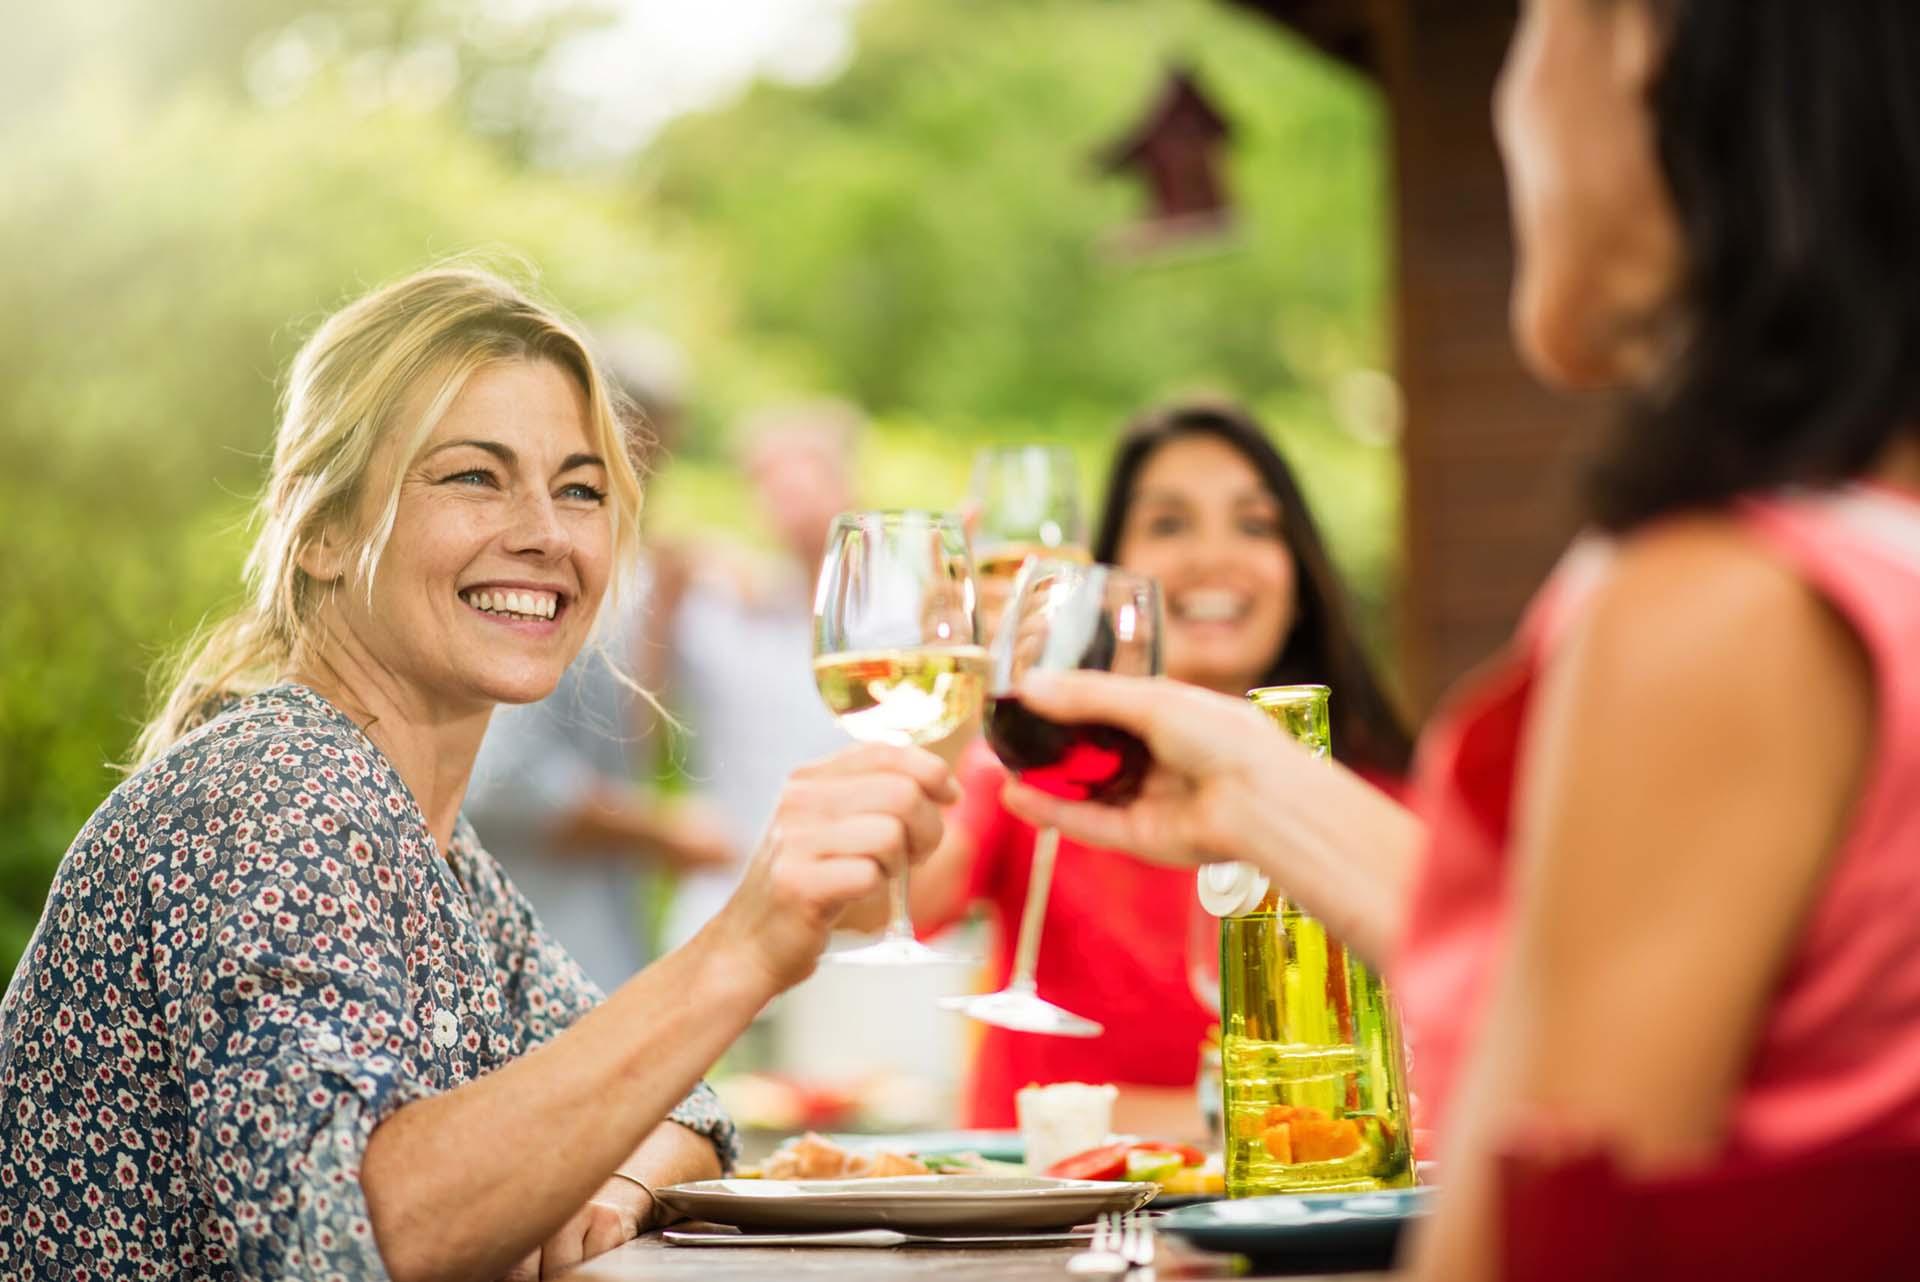 feestje thuis organiseren catering uitbesteden verjaardag BBQ borrel buffet